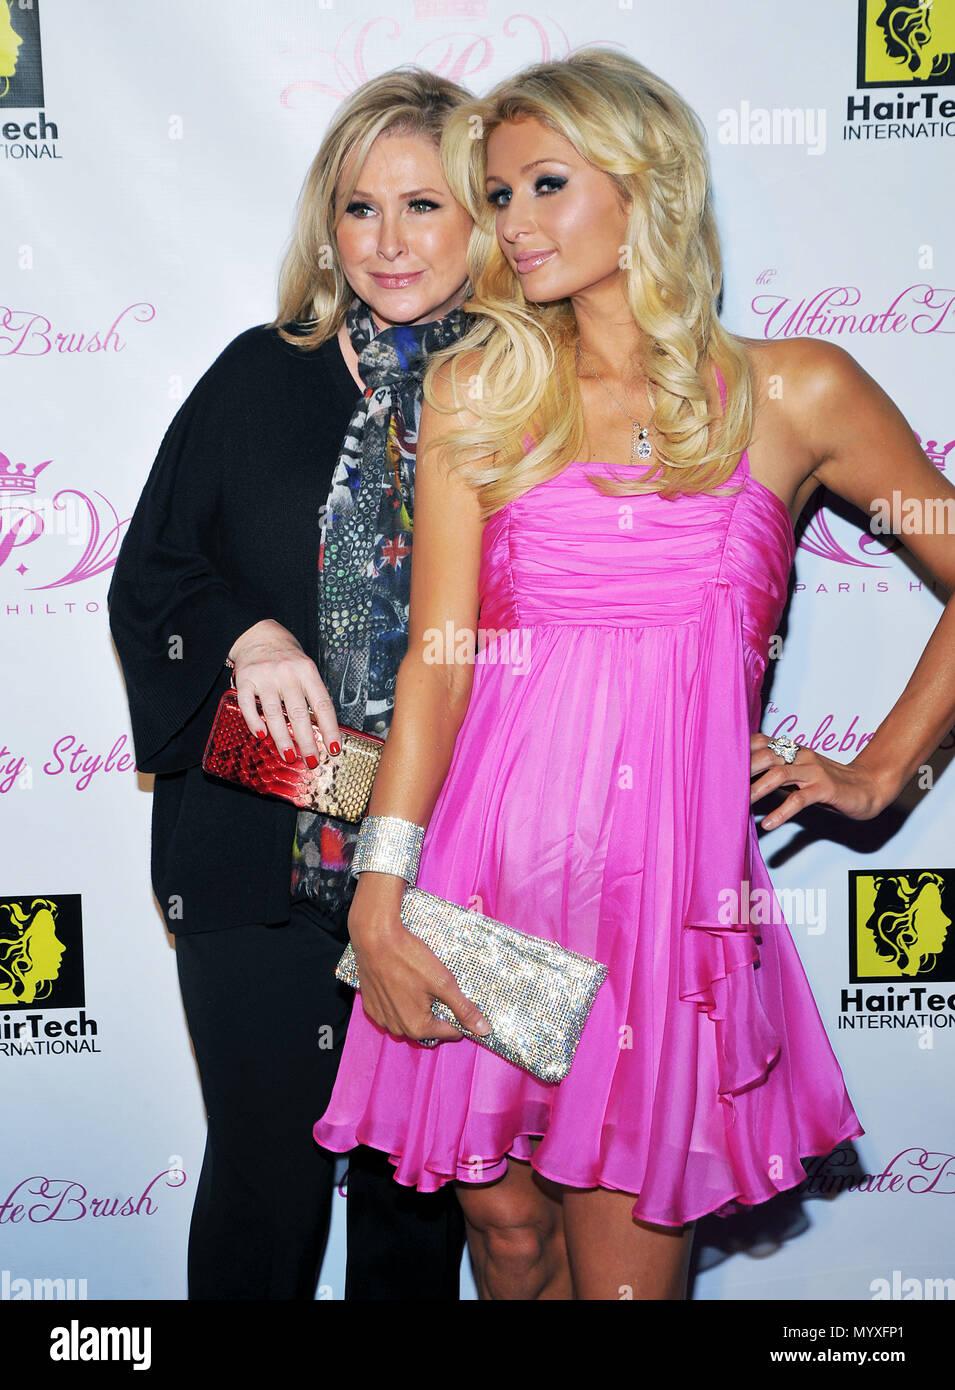 bc6b5153455f Kathy Hilton and daughter Paris Hilton - Paris Hilton s Beauty Line Launch  Party at The Thompson